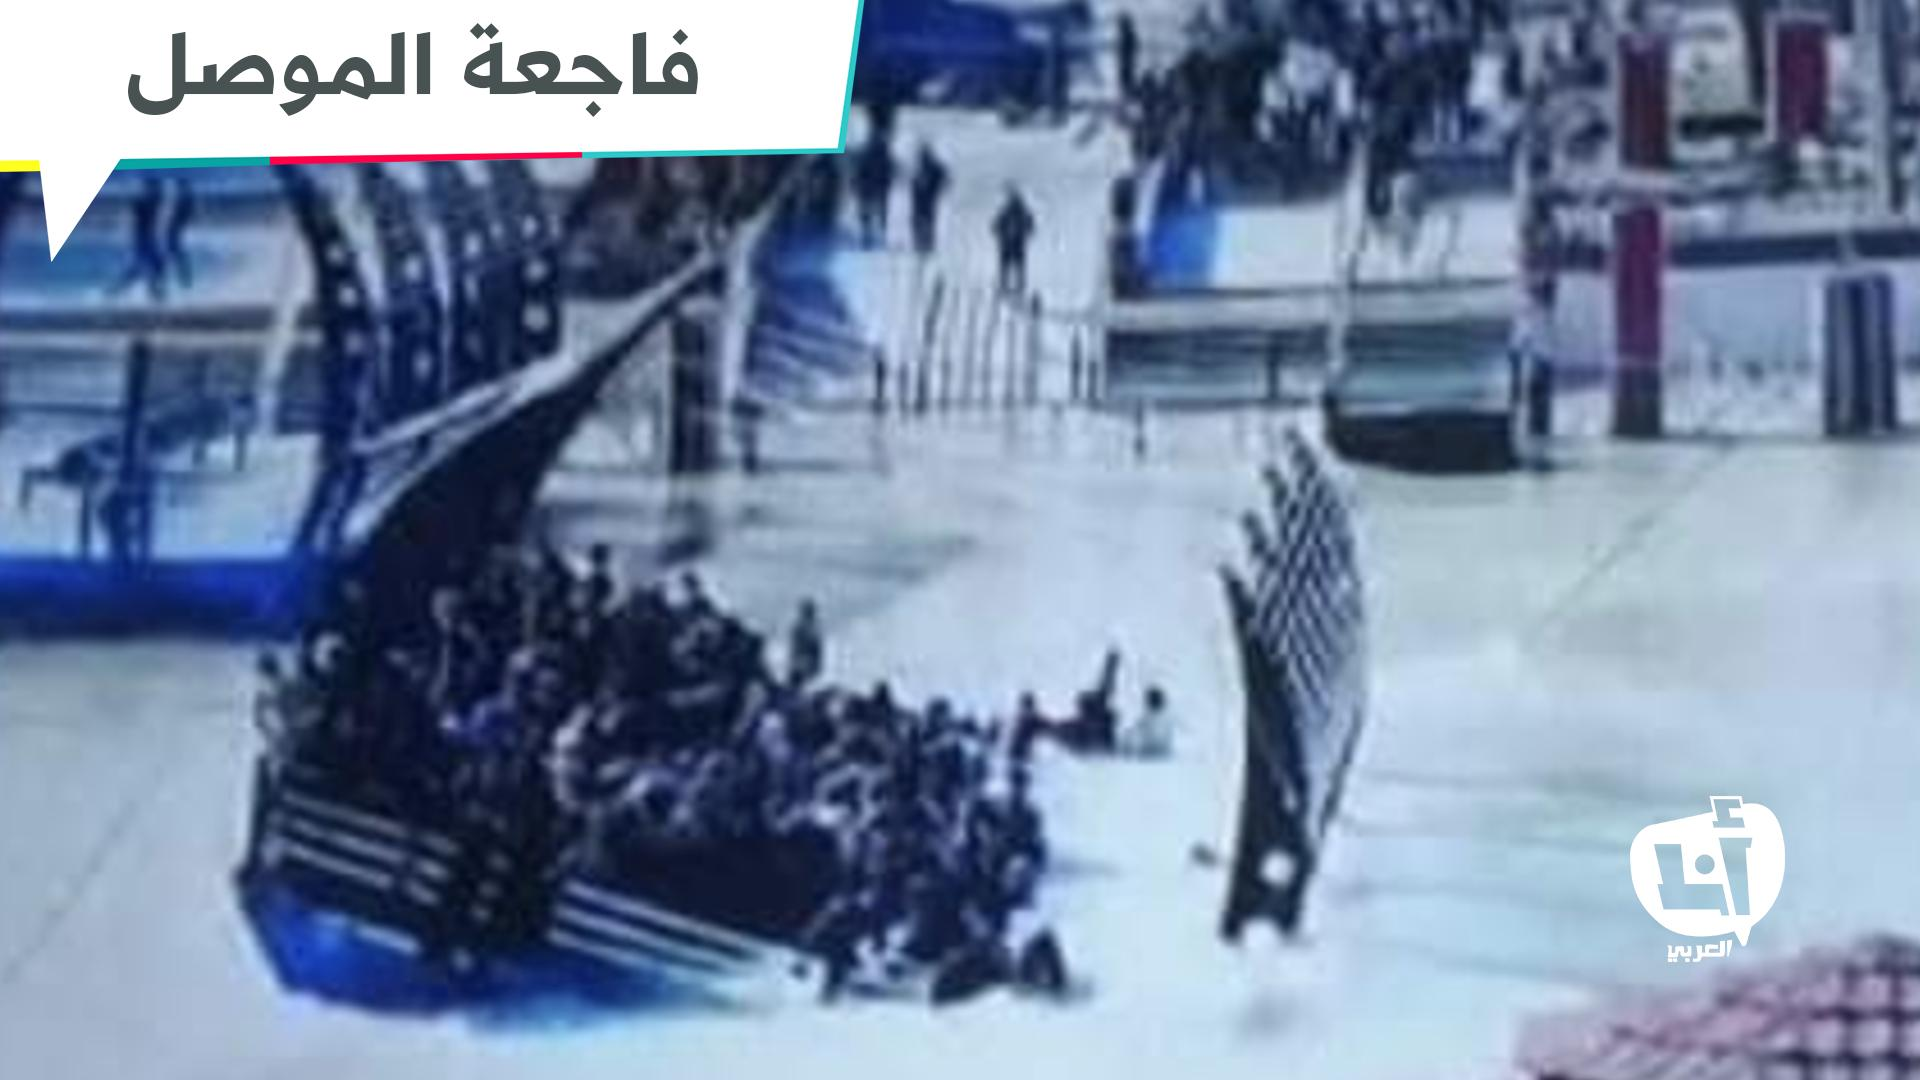 فاجعة غرق عبّارة الموصل